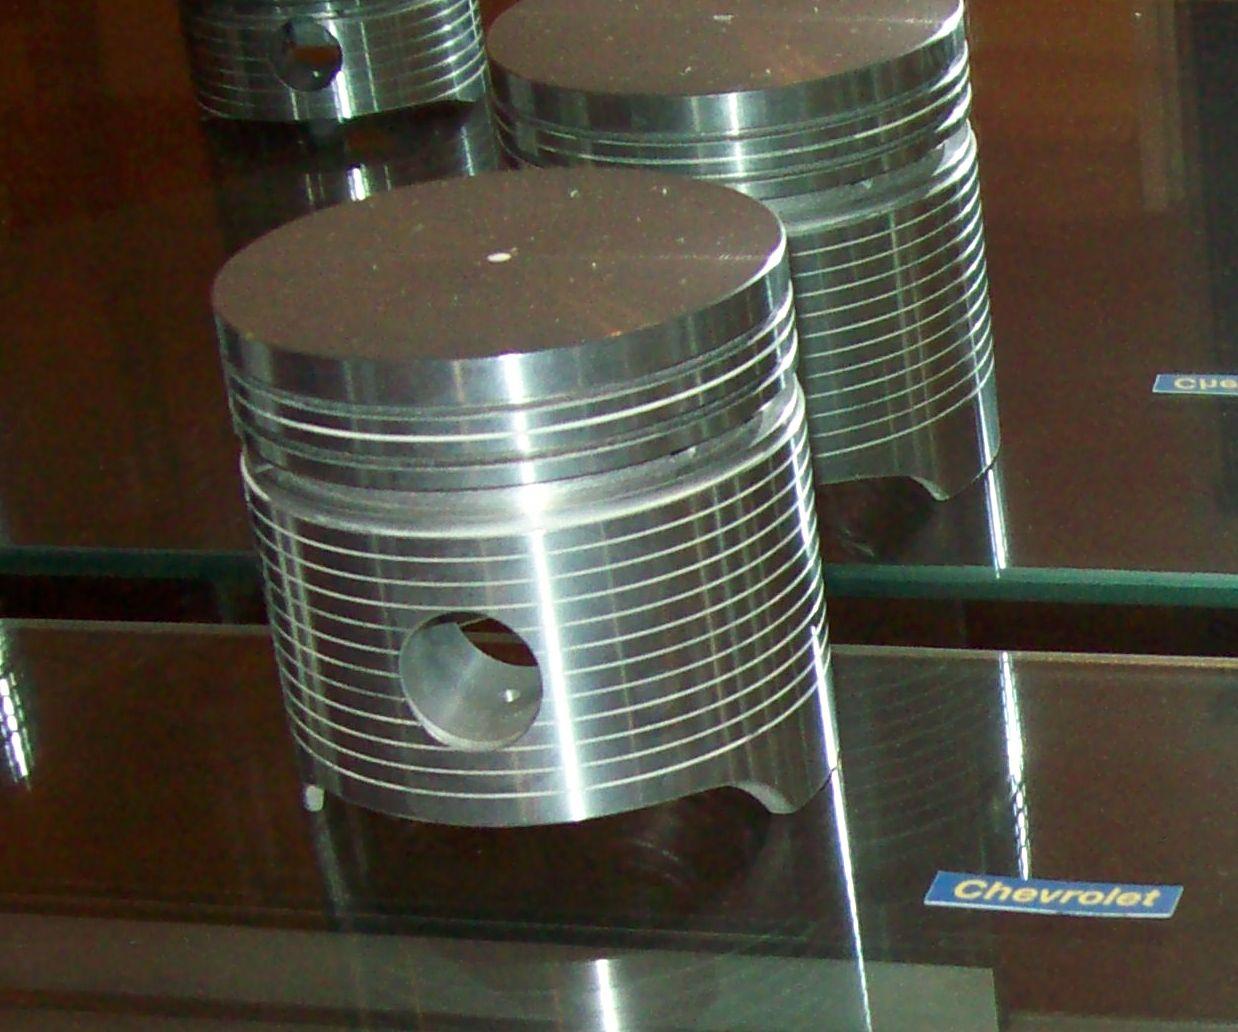 El cilindro es uno de los elementos básicos, fabricado normalmente en aleación de aluminio.